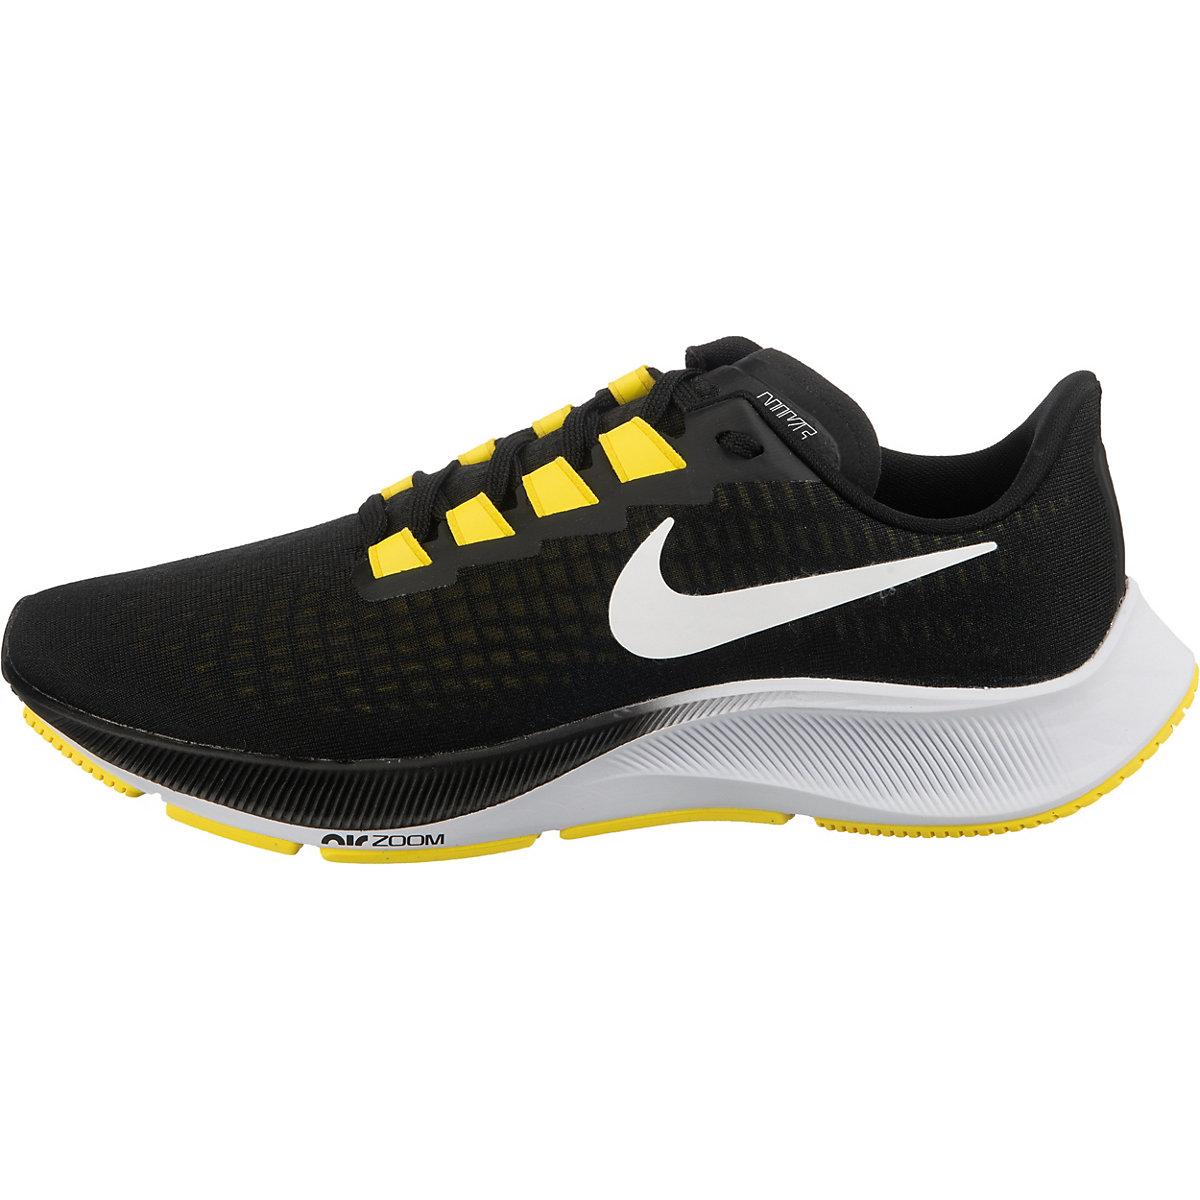 [Herren Laufschuhe] Nike Pegasus 37 Schwarz/Gelb Gr. 40-46 (Neutral, Daily Trainer, 285g, 10mm Sprengung)